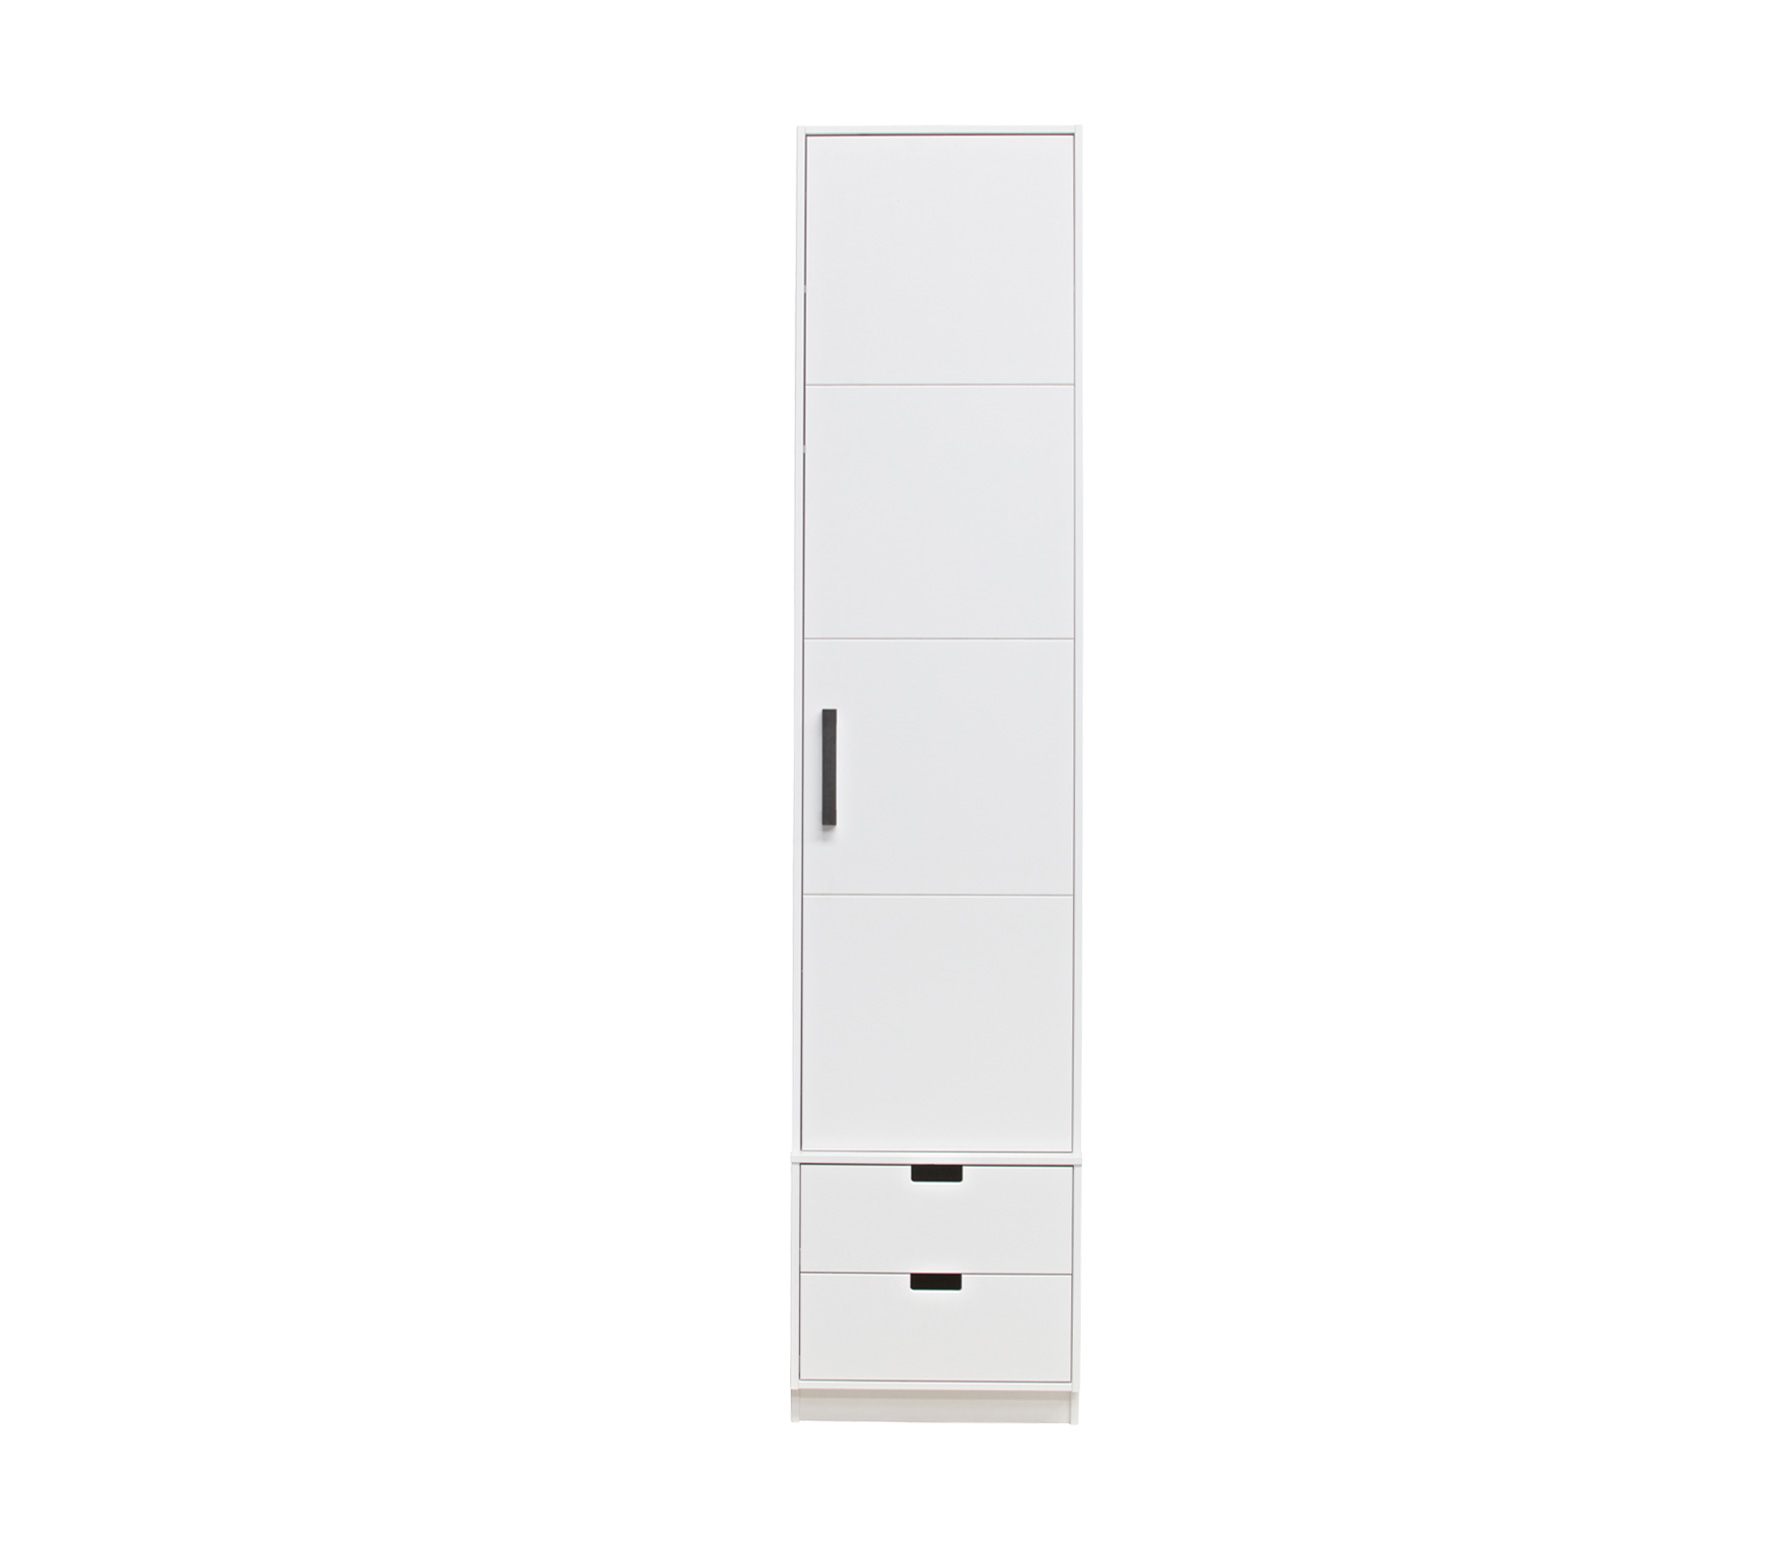 Basiclabel SKIK kast variant 55 (hxbxd) 231x49x62 cm grenen wit Roede met 2 legplanken